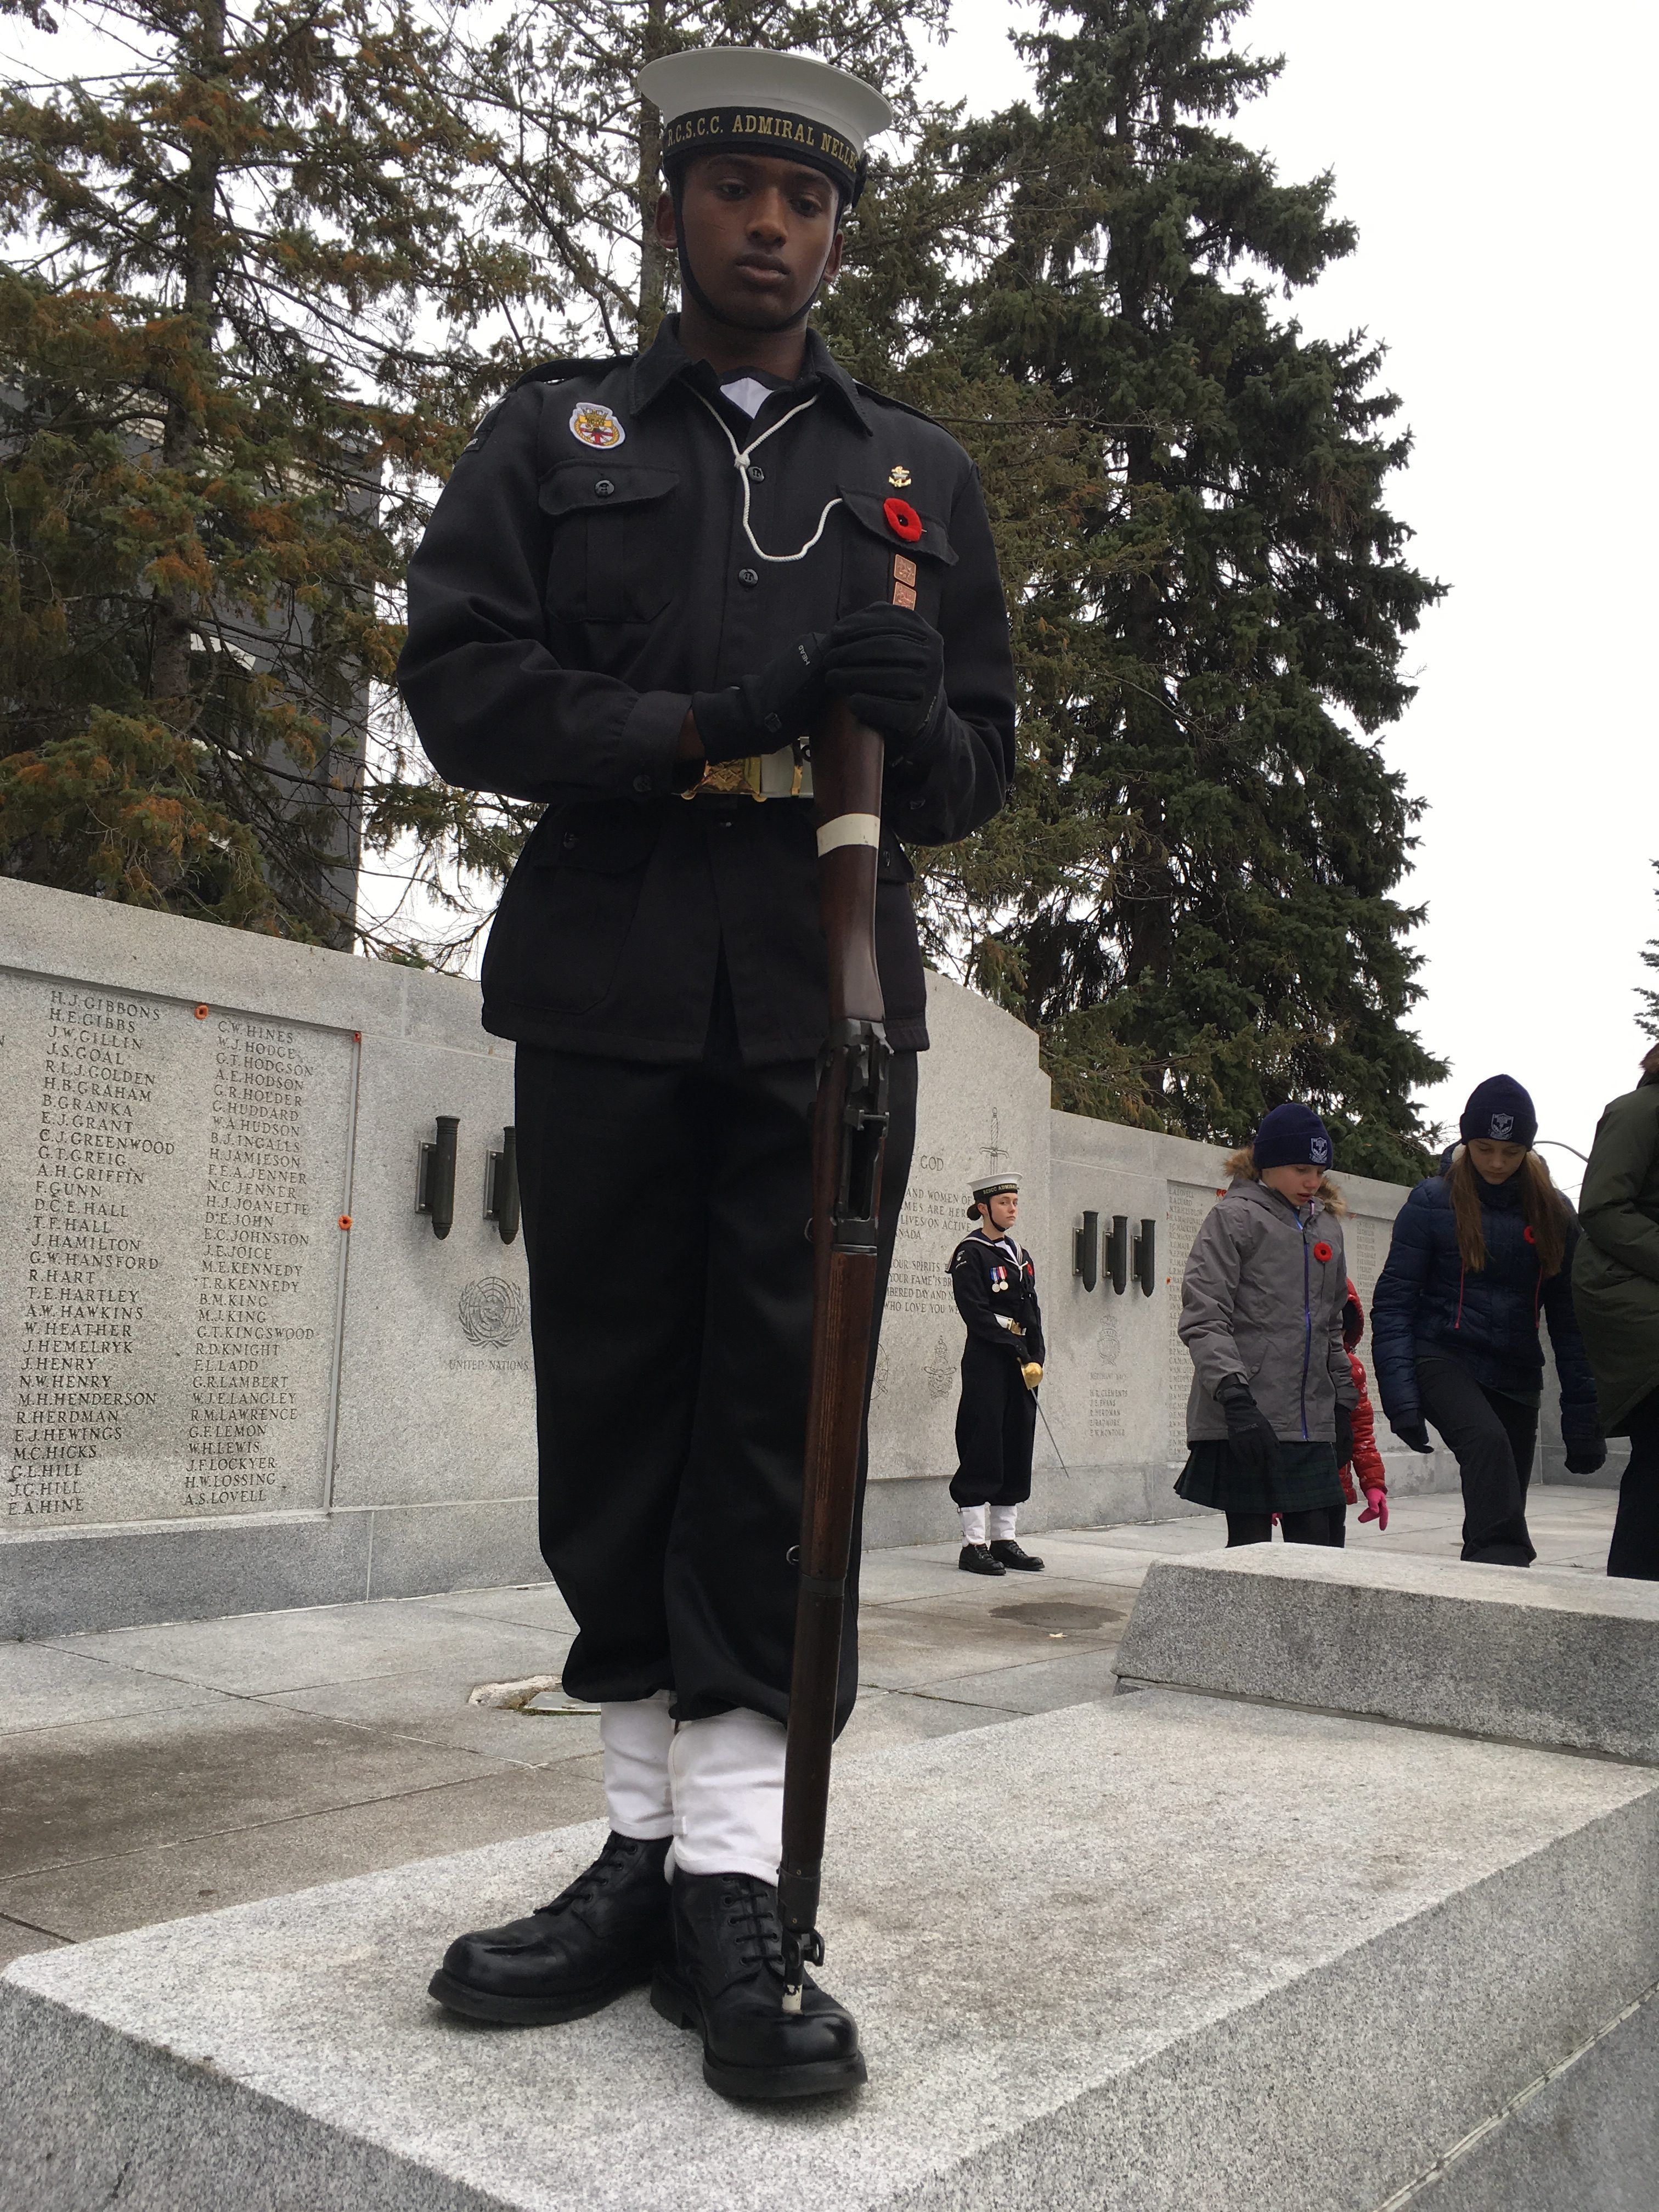 PO2 Loftman on cenotaph